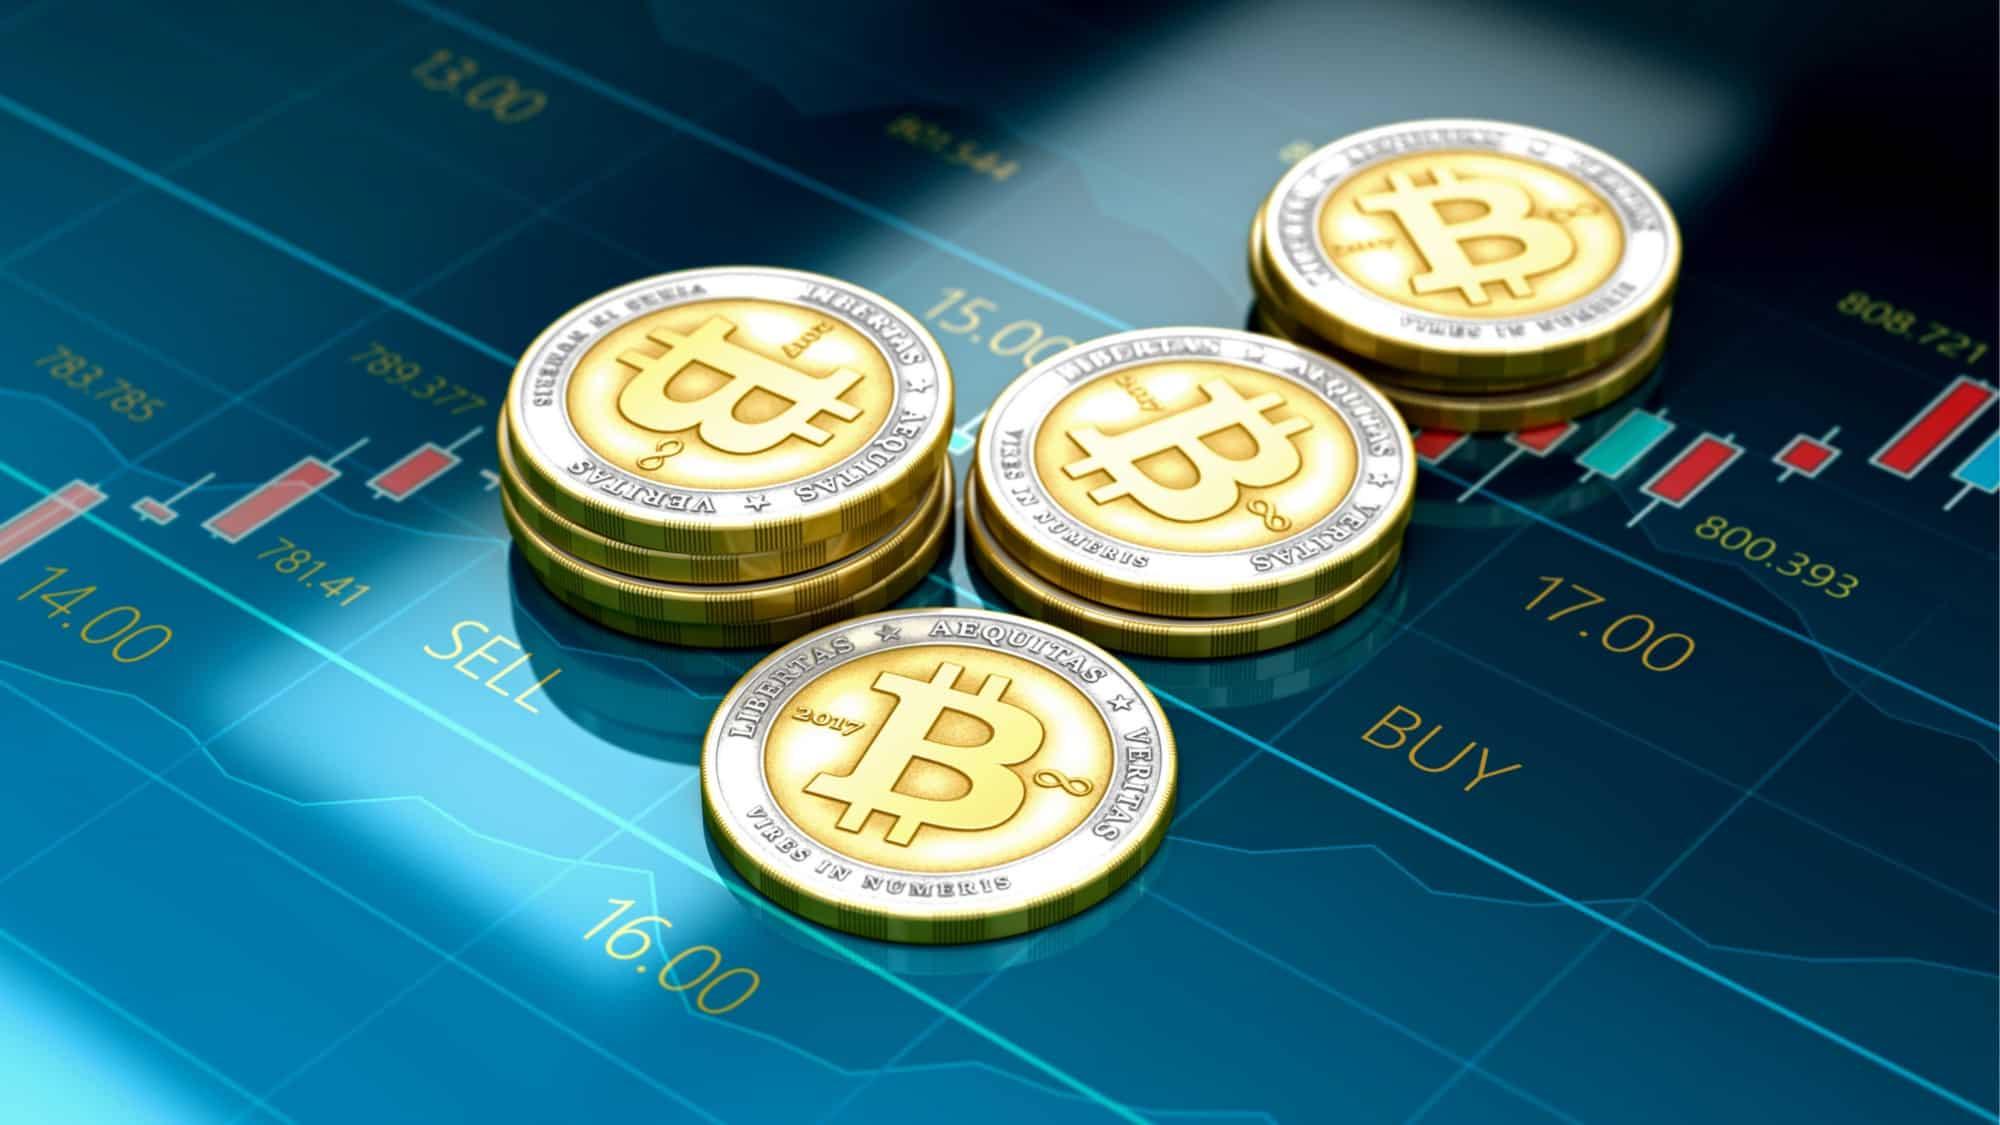 Cumpără Bitcoin în România (înregistrare gratuită) | 6bfebe.missioncreative.biz